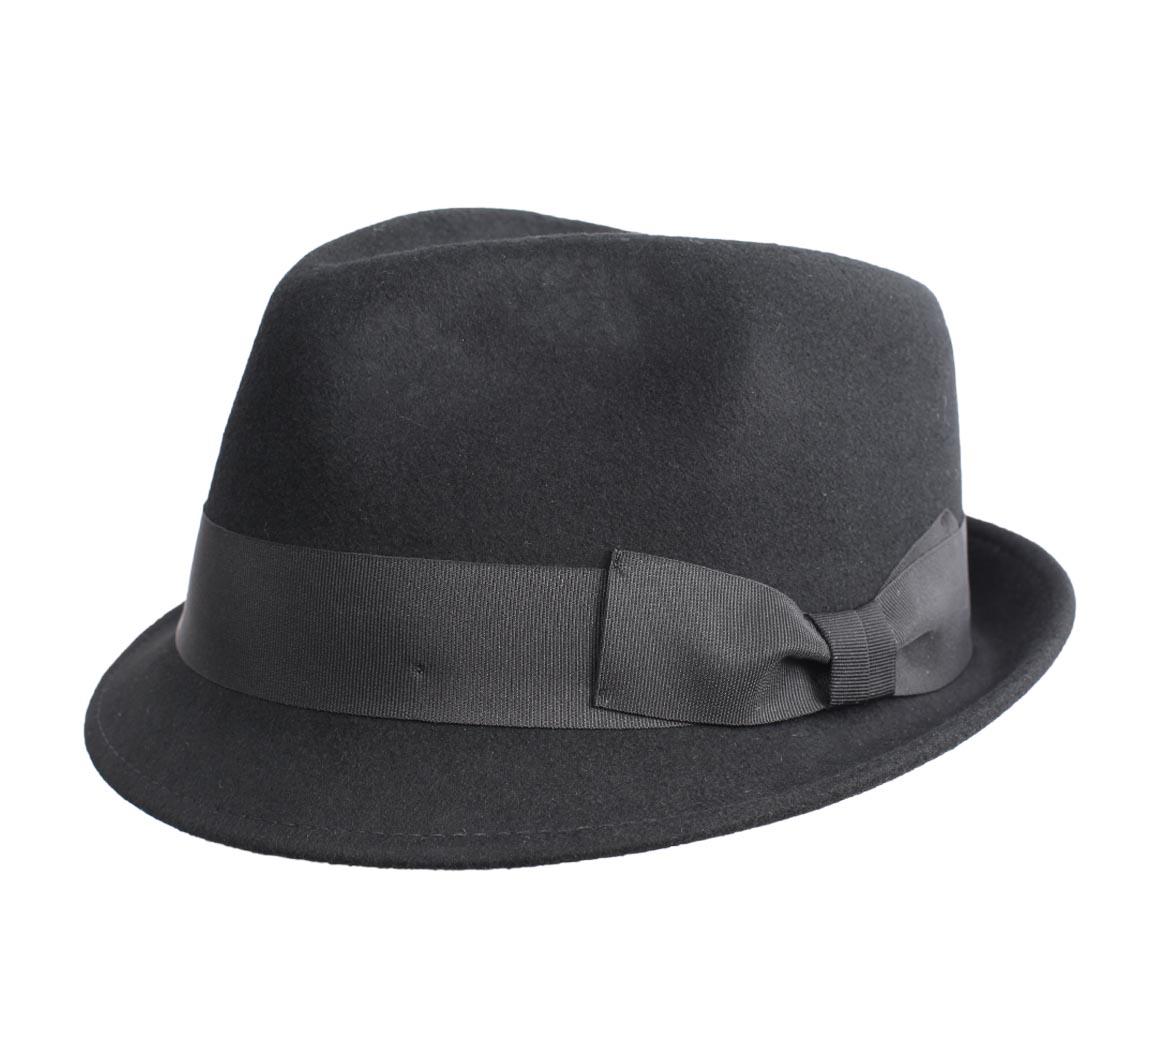 chapeau femme pas cher. Black Bedroom Furniture Sets. Home Design Ideas